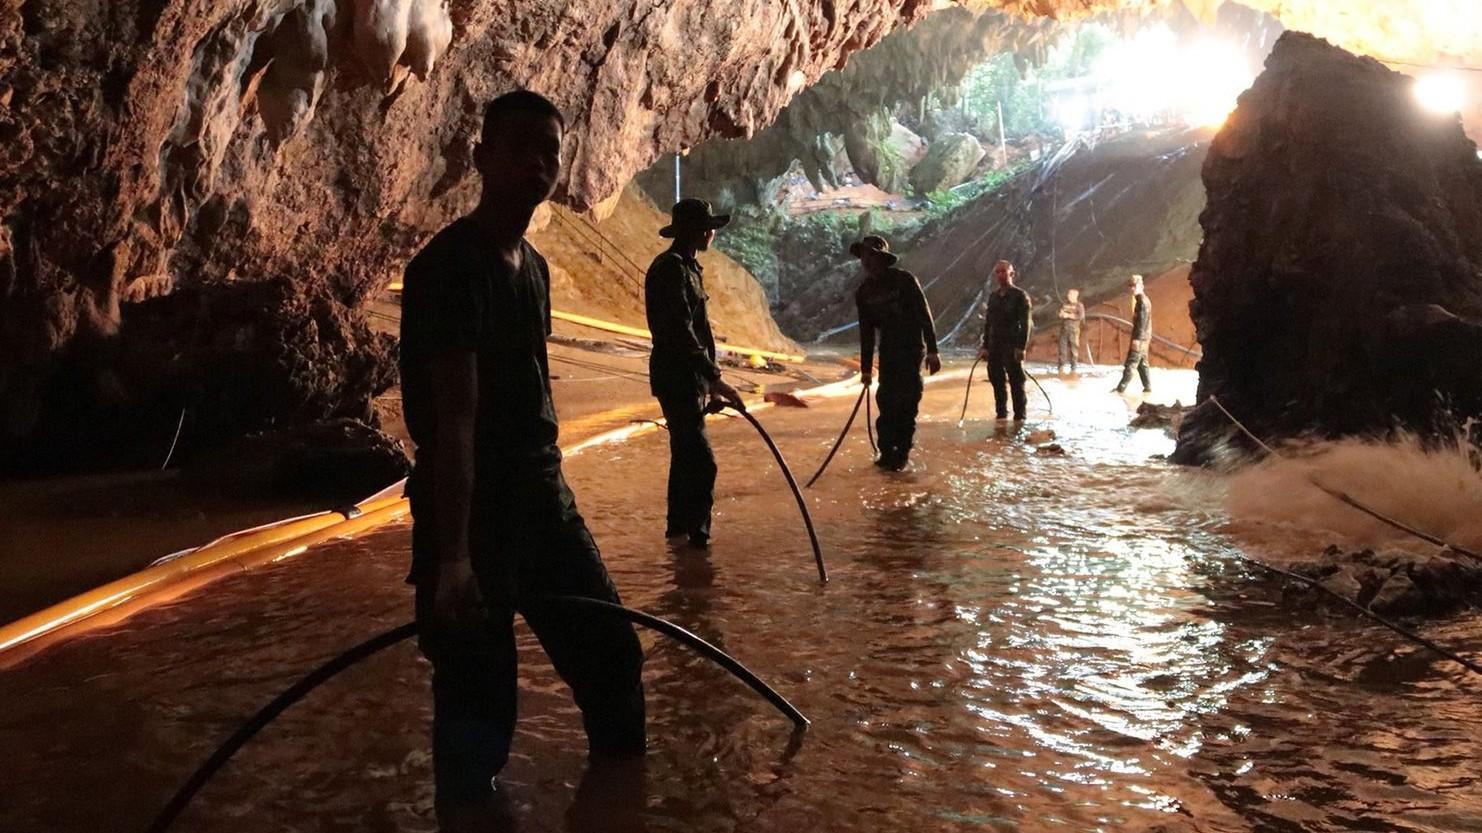 Katonák az esővízzel elárasztott Tham Luang barlangban, az ott rekedt tizenkét diák és edzője kimentésére végzett művelet közben az észak-thaiföldi Csiangraj tartományban fekvő Maeszaiban 2018. július 7-én (MTI/EPA/Thaiföldi haditengerészet)